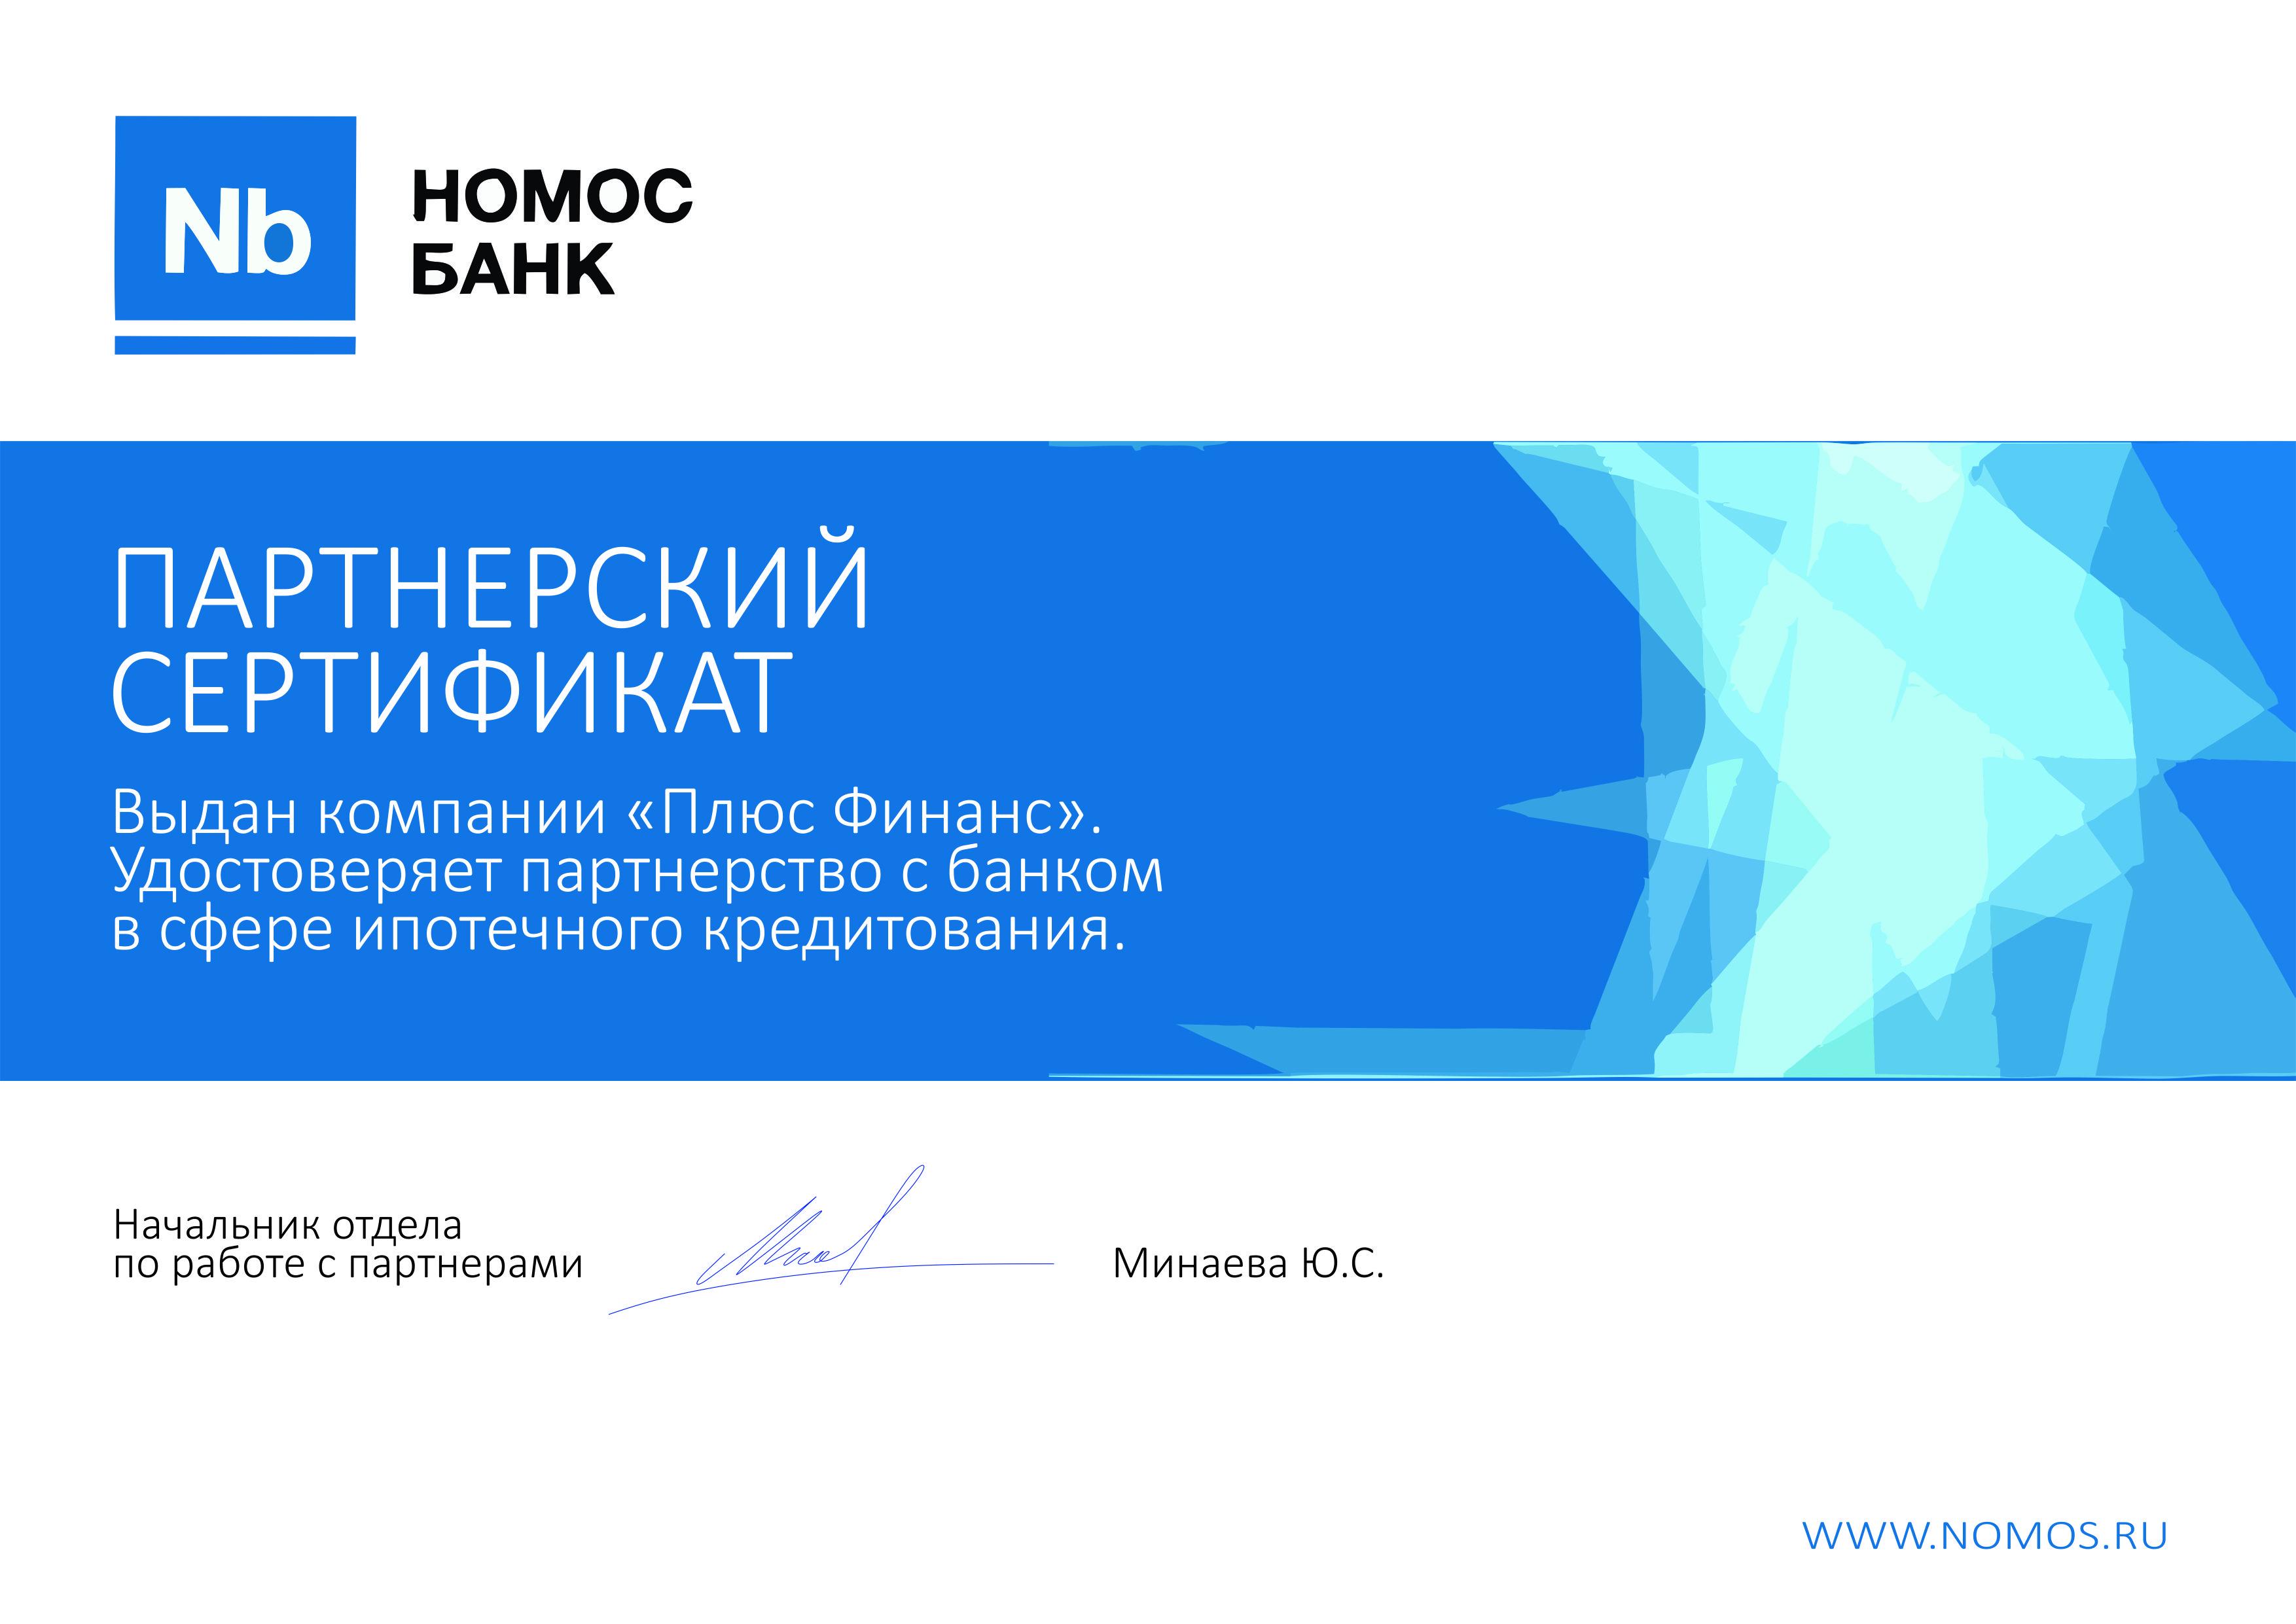 Номос Банк